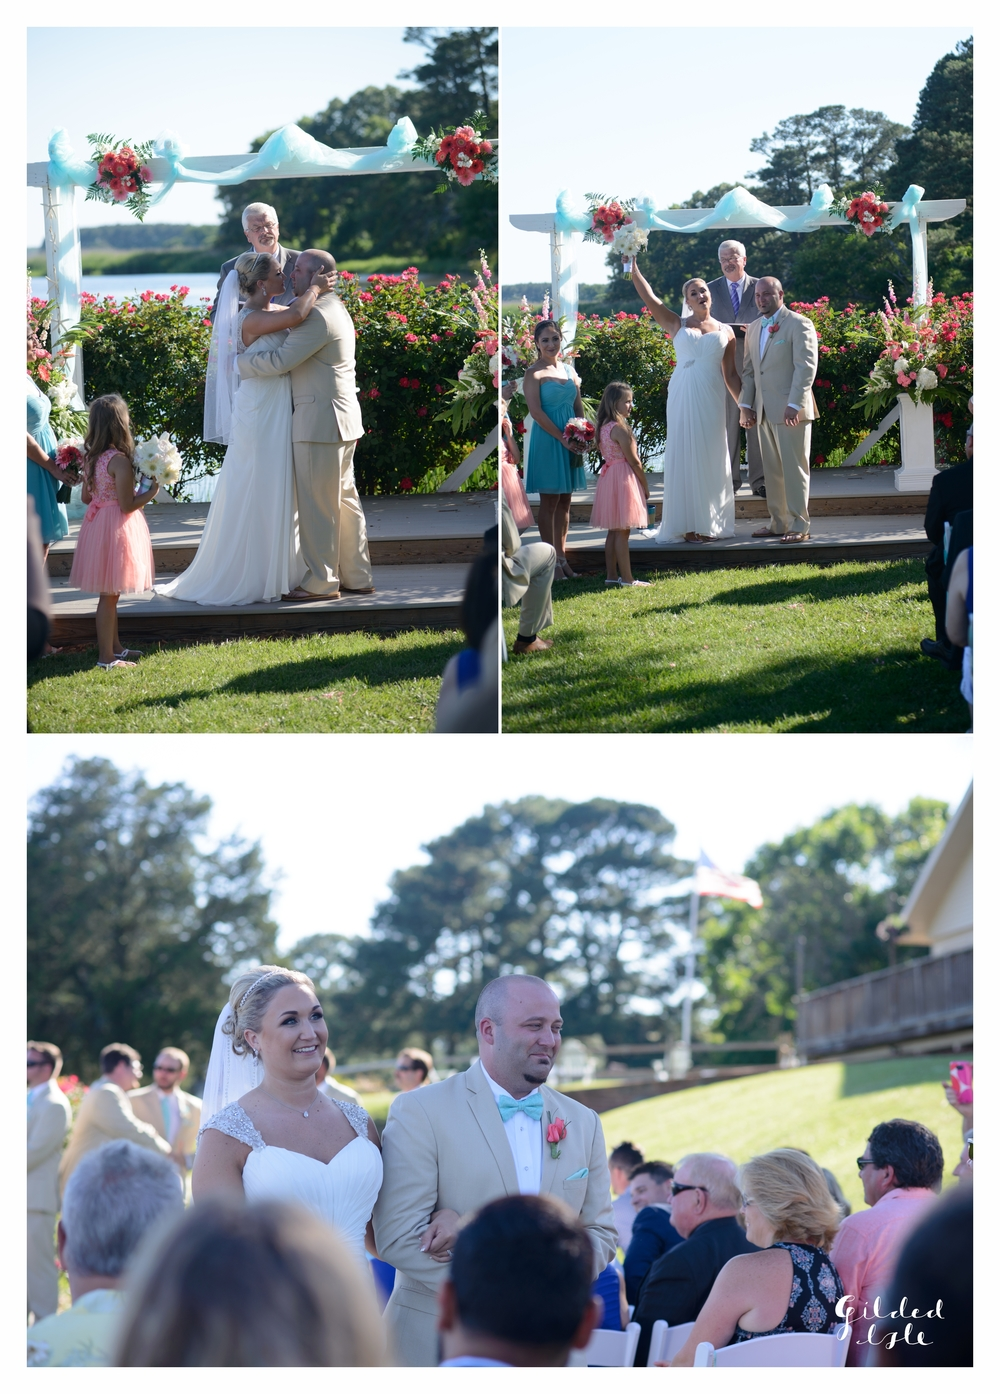 simpson wed blog collage 34.jpg